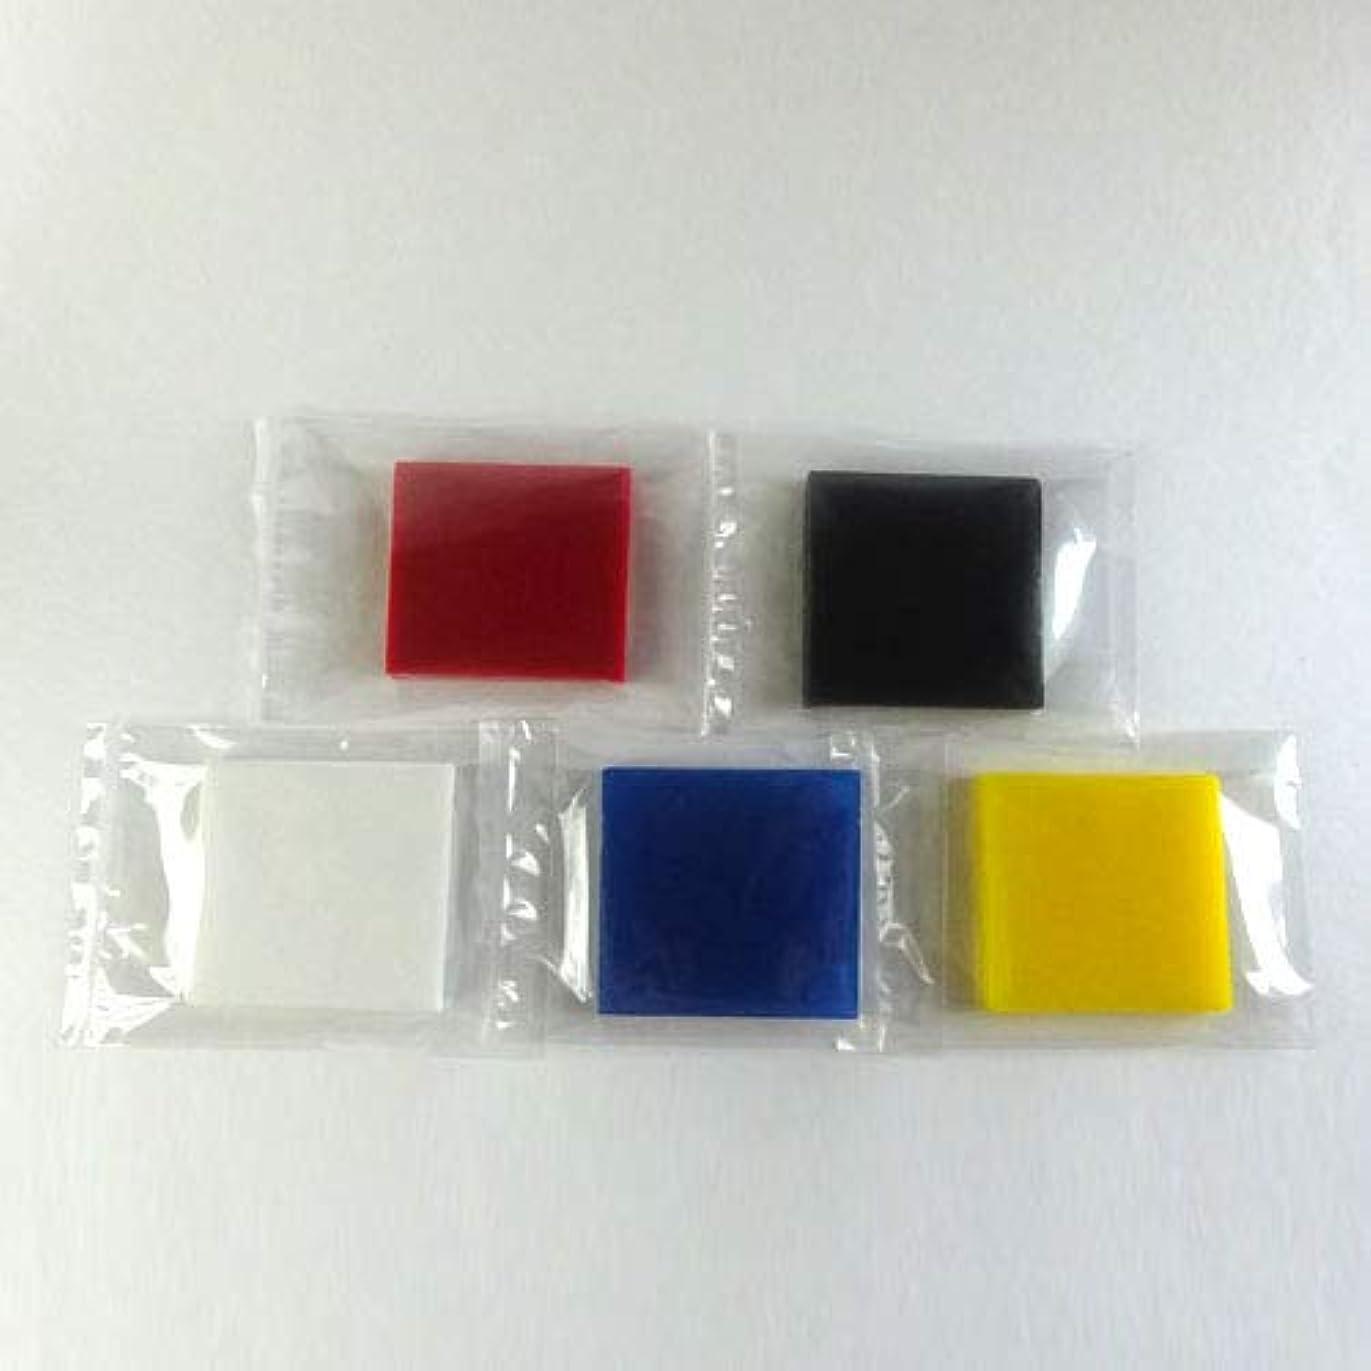 不従順チャット支配するグリセリンソープ MPソープ 色チップ 5色(赤?青?黄?白?黒) 各30g